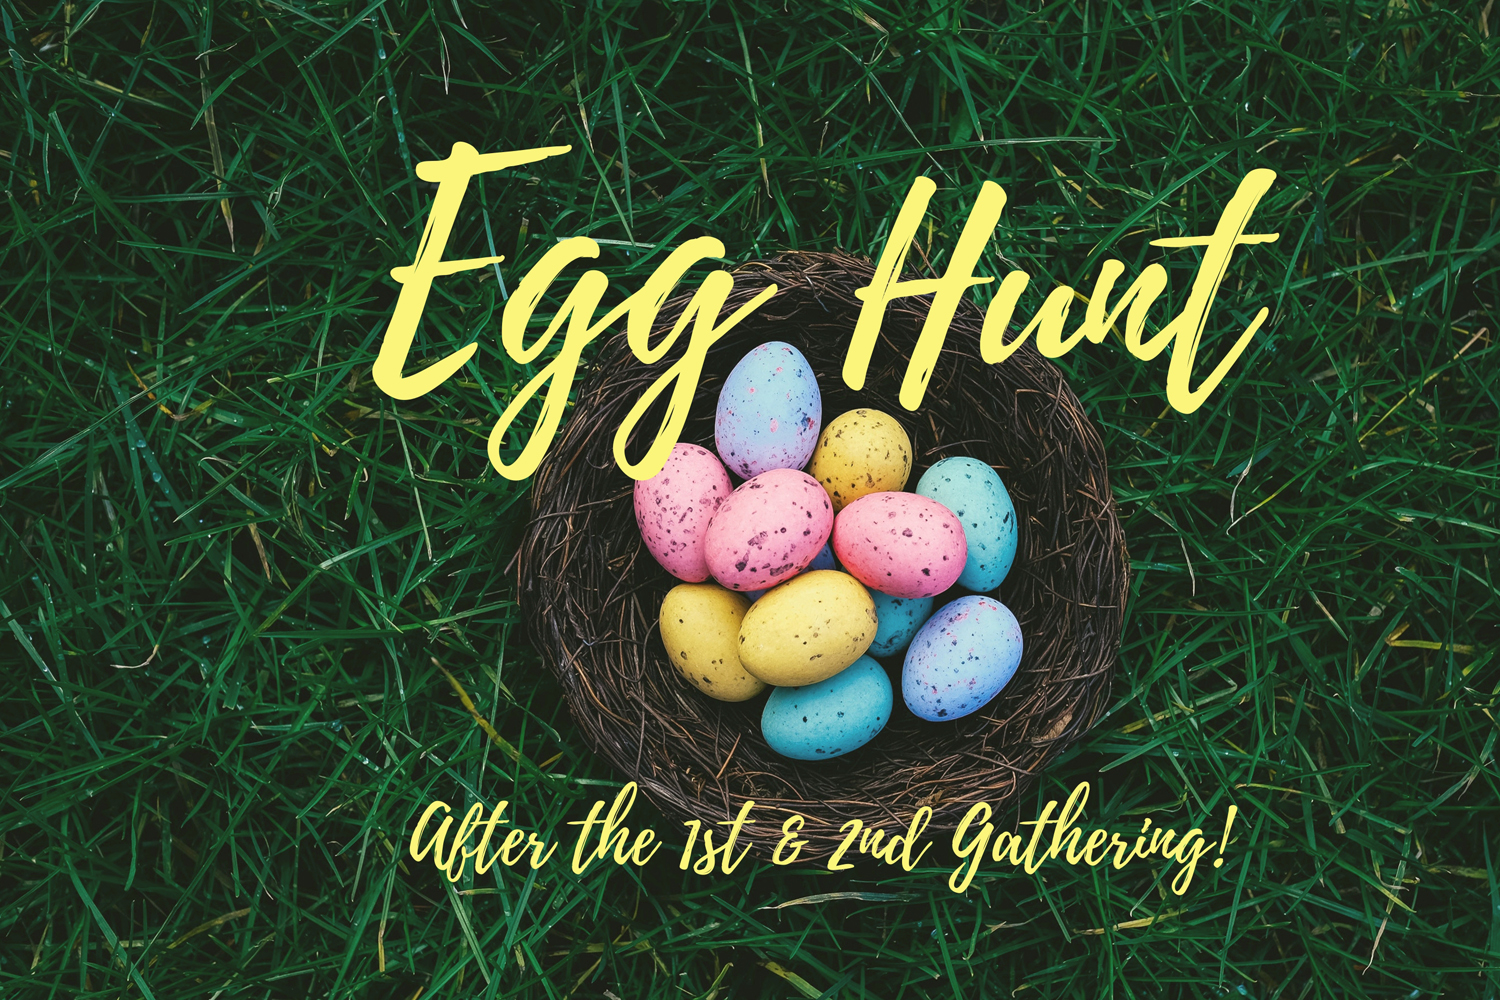 Easter_Egg_Hunt mail chimp.jpg